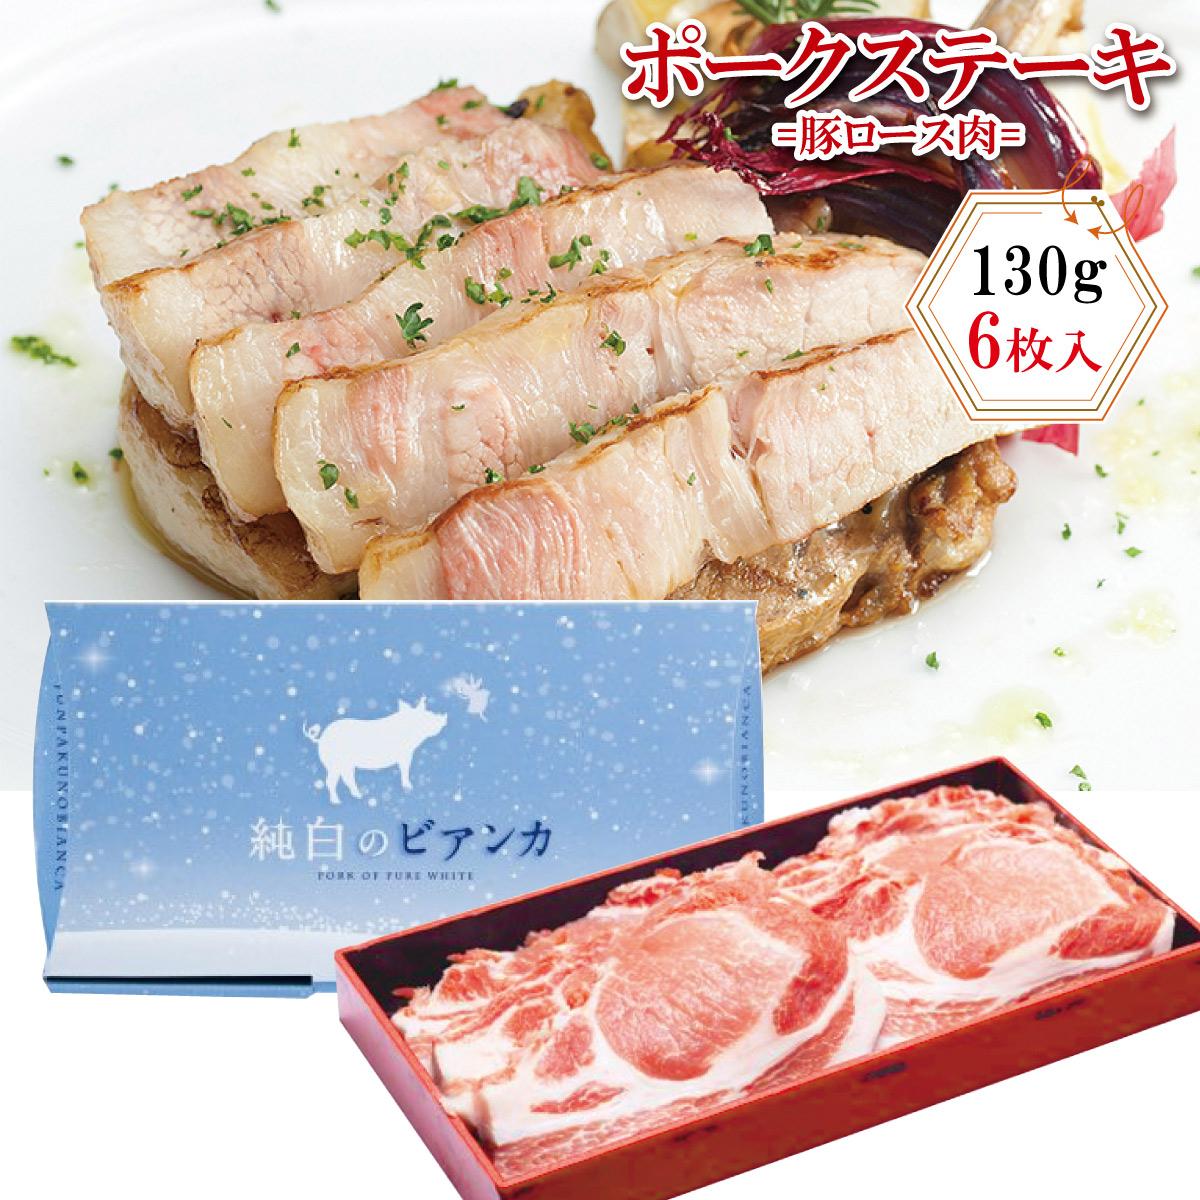 ポークステーキ(豚ロース肉)6枚